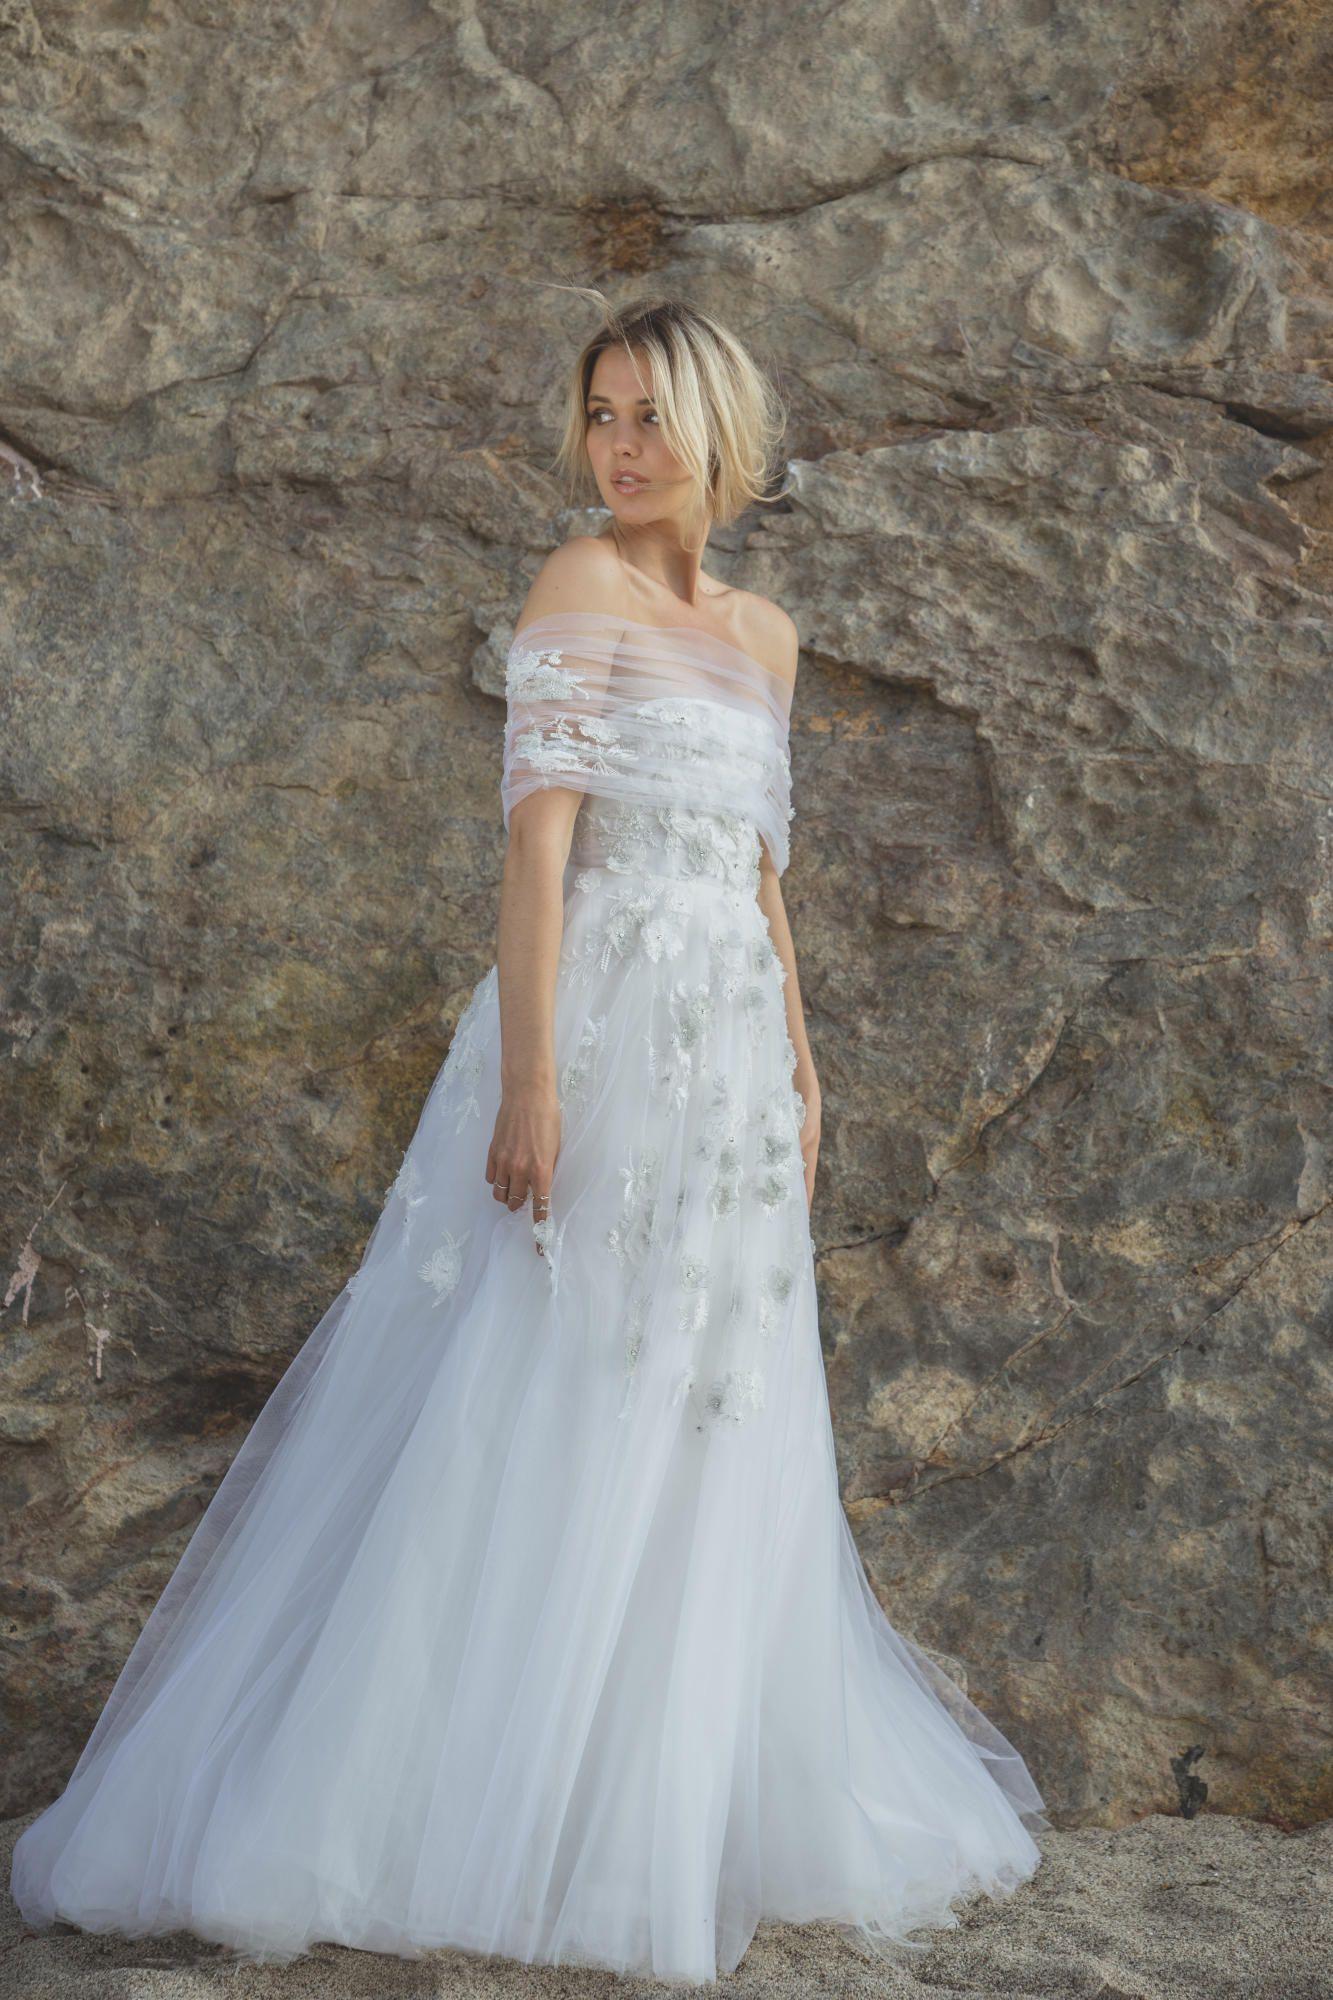 sabrina-dahan-bridal-spring-2017-liliane-dress Tendências de vestidos de noiva para 2018